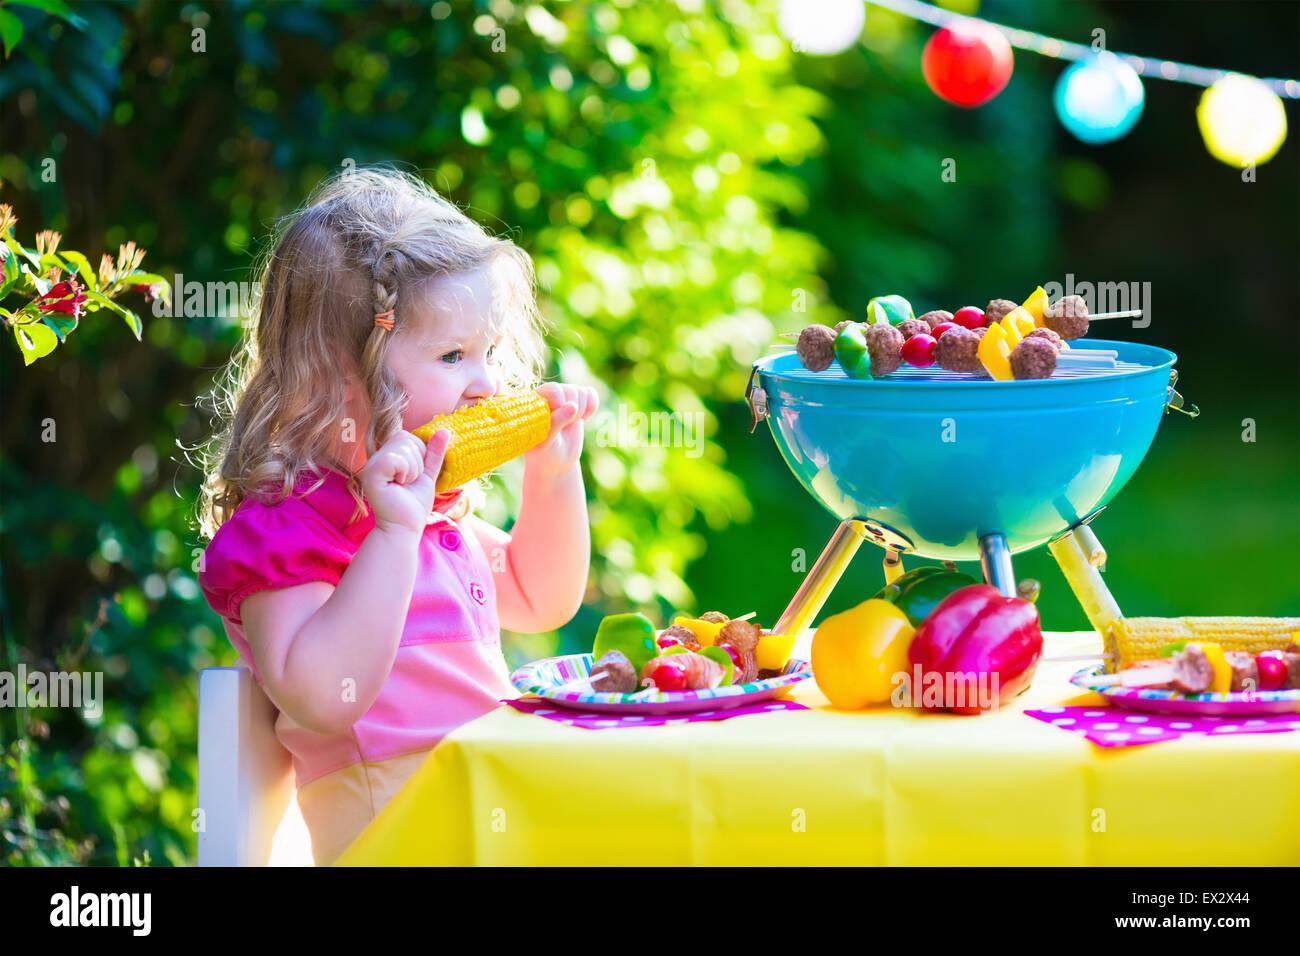 Kinder Grillen von Fleisch. Familien-Campingplatz und Grill genießen. Kleines Mädchen am Grill vorbereiten, Stockbild